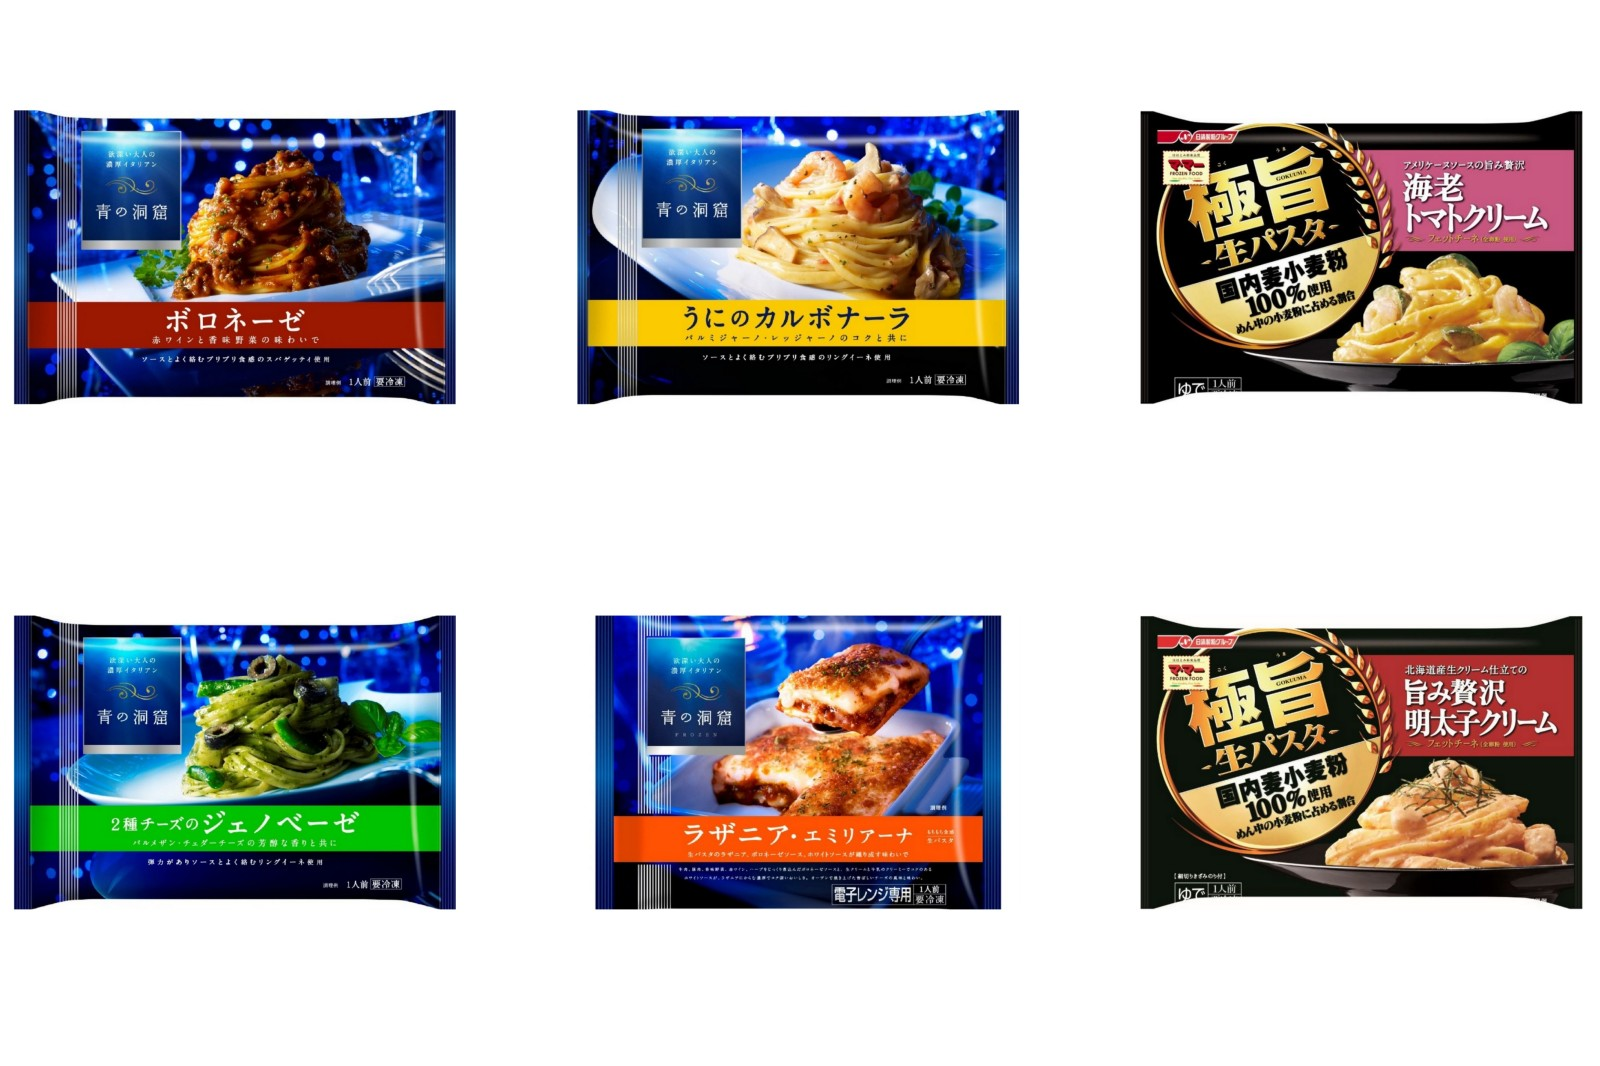 「青の洞窟」など日清フーズのパスタセットをプレゼント。一番好きな冷凍食品を教えてください!